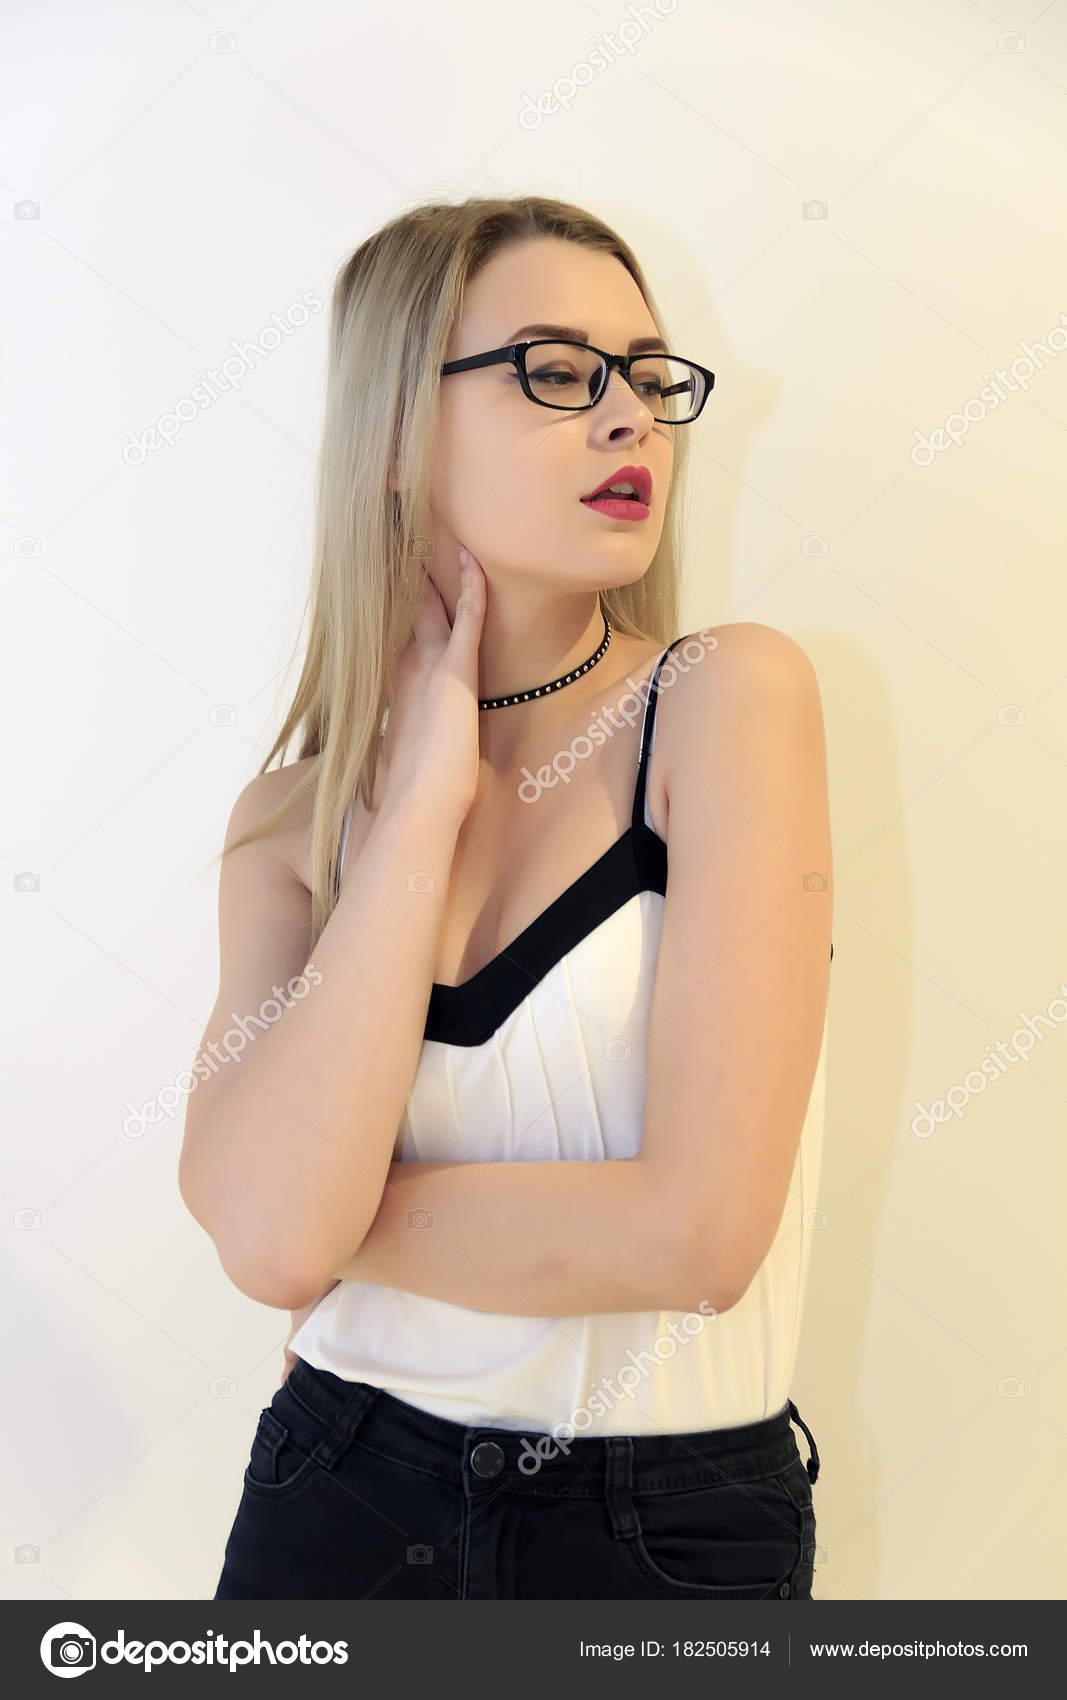 Un Della Gli Bionda Bianco Con Occhiali Parete Fondo Affascinante Su hdsrBoQCtx